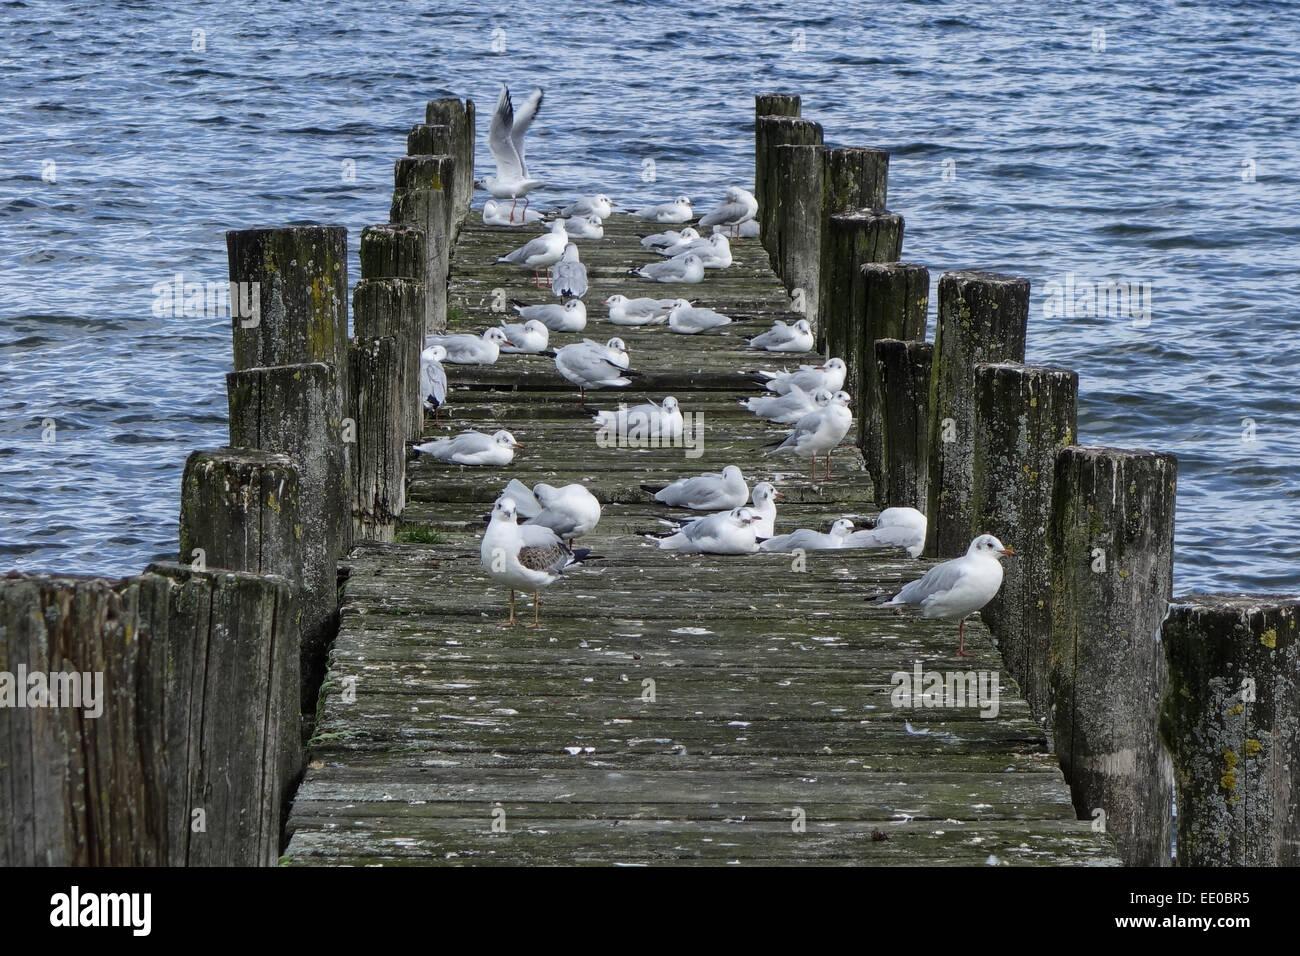 Möven sitzen auf einem Holzsteg im See, Gulls sit on a wooden pier at a lake, Gull, Gulls, Dock, Pier, Wooden, - Stock Image